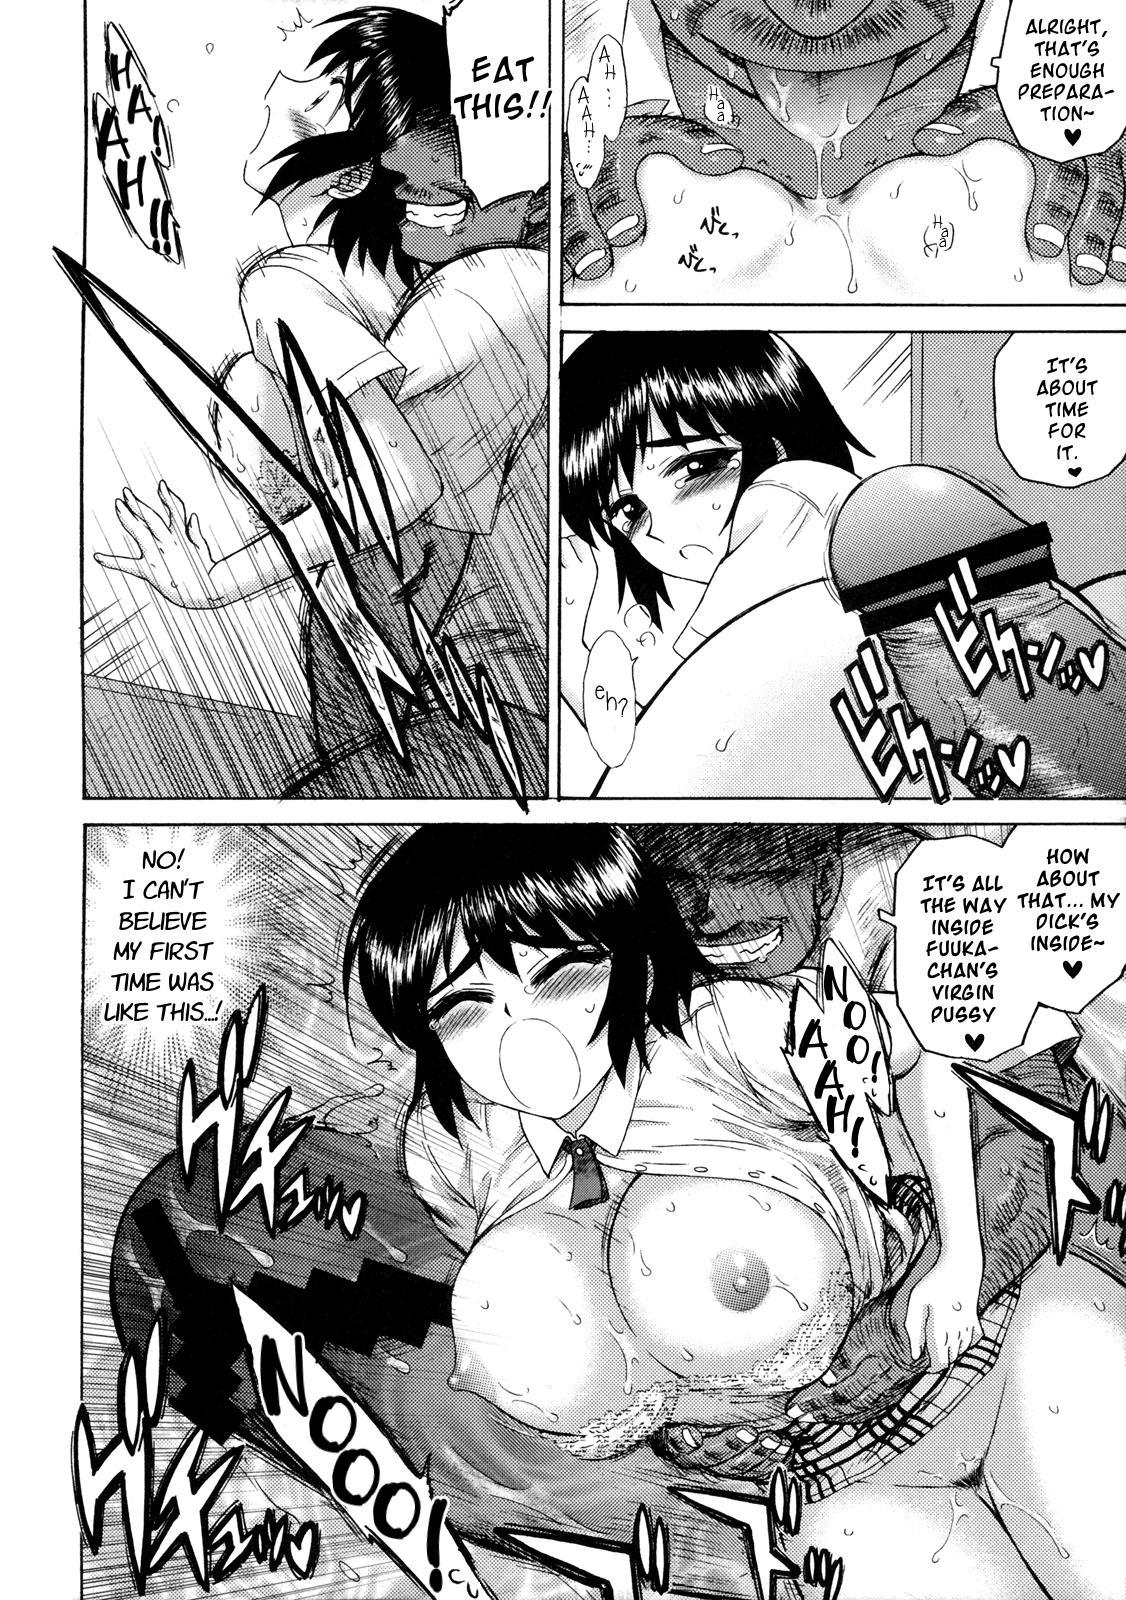 Fuuka to Wakuwaku Chikan Densha | Fuuka and a Train of Excited Molesters 12